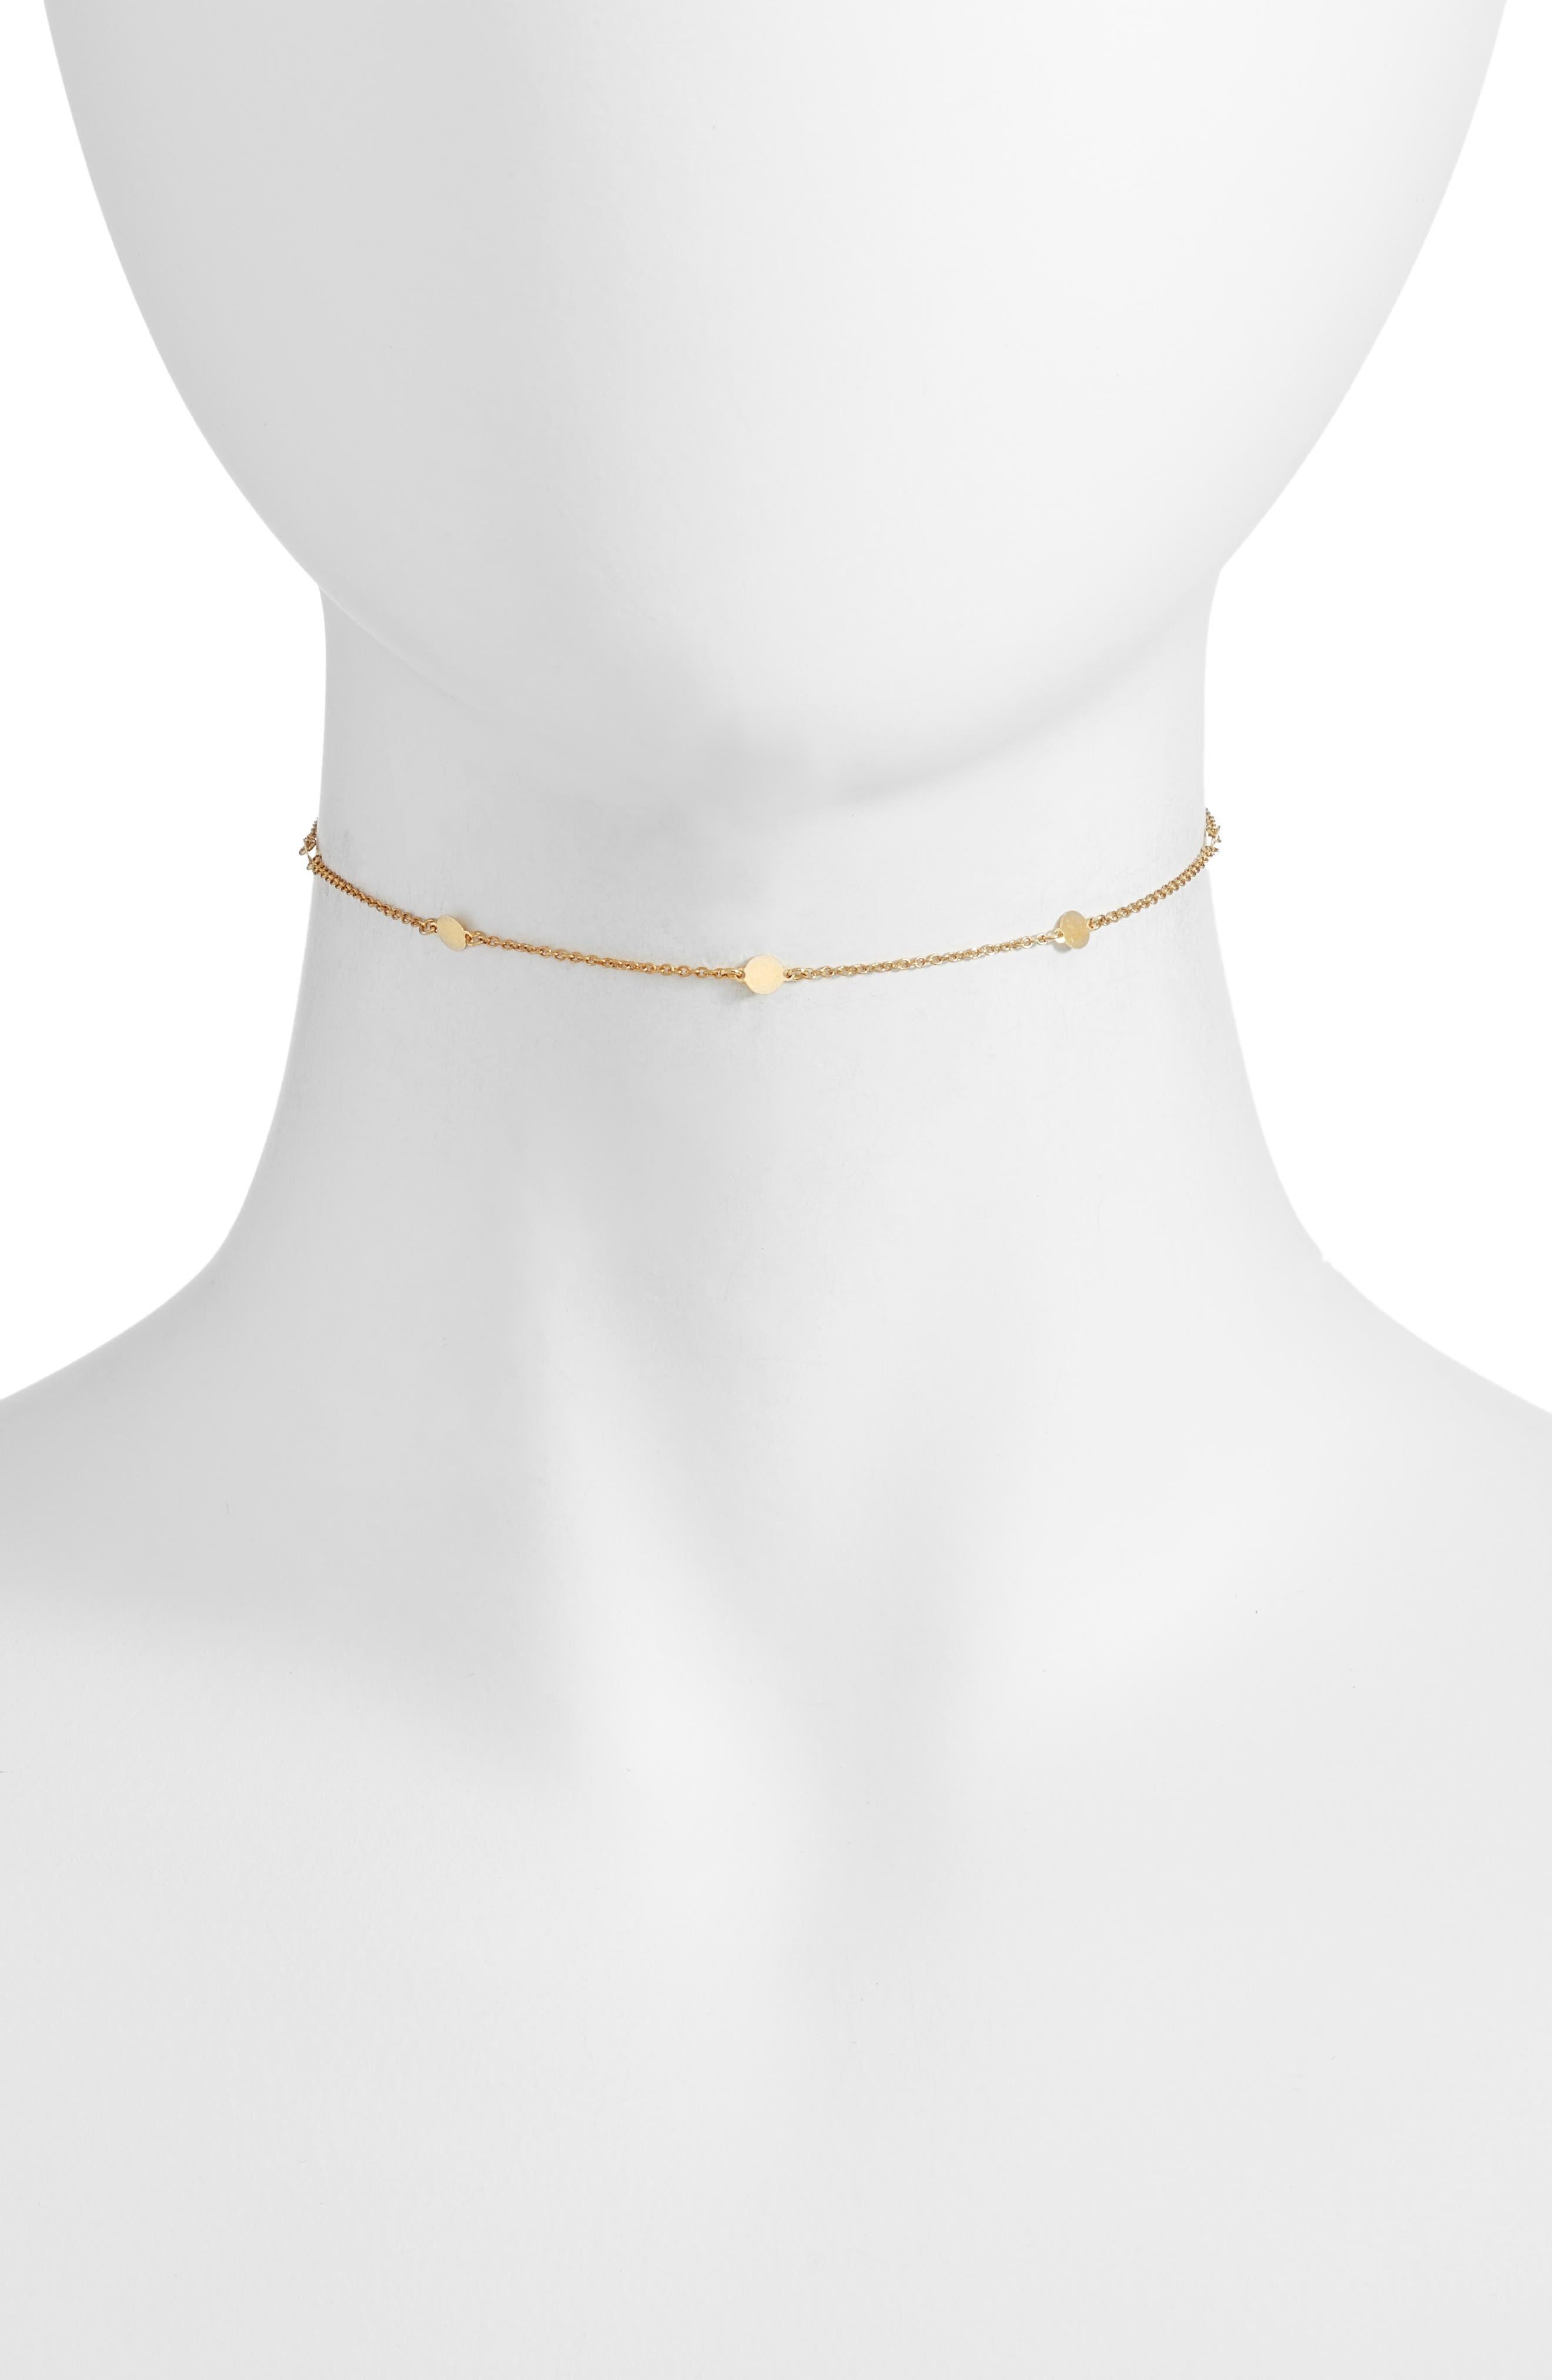 Argento Vivo Station Choker Necklace